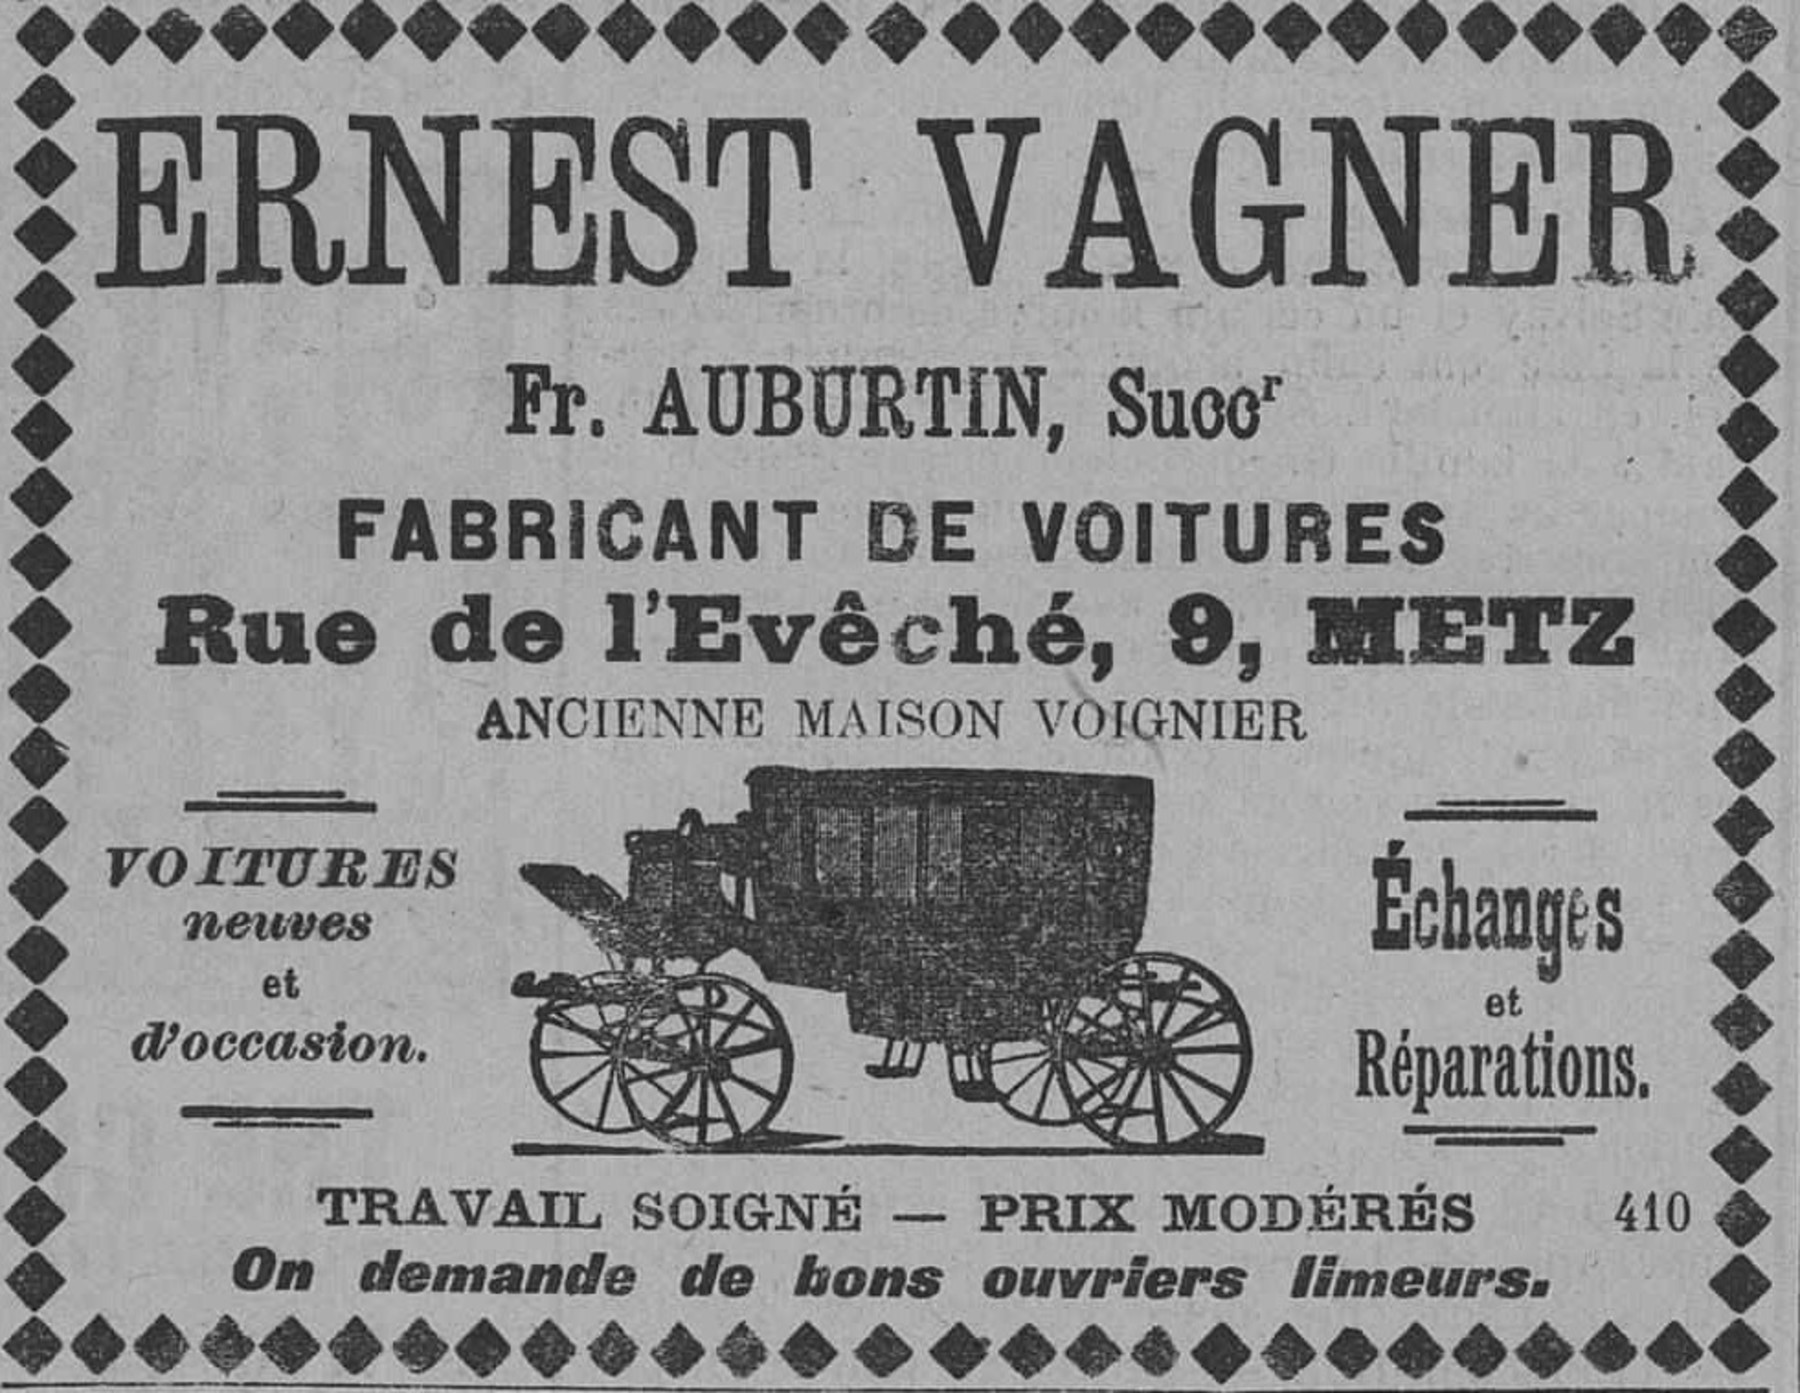 Contenu du Ernest Wagner, fabricant de voitures, voitures neuves et d'occasion